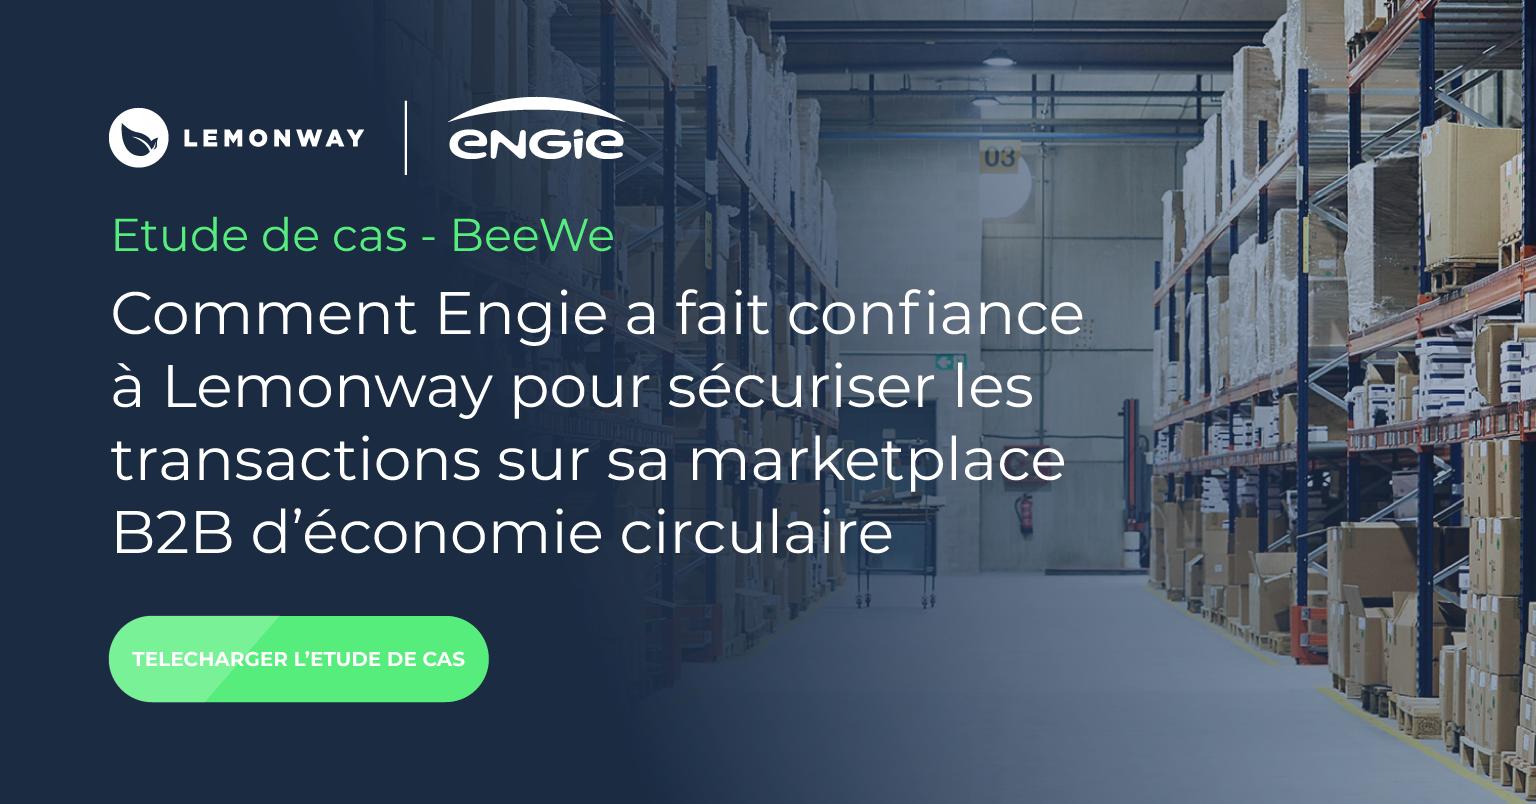 BeeWe : Comment Engie a fait confiance à Lemonway pour sécuriser les transactions sur sa marketplace B2B d'économie circulaire [Etude de cas]